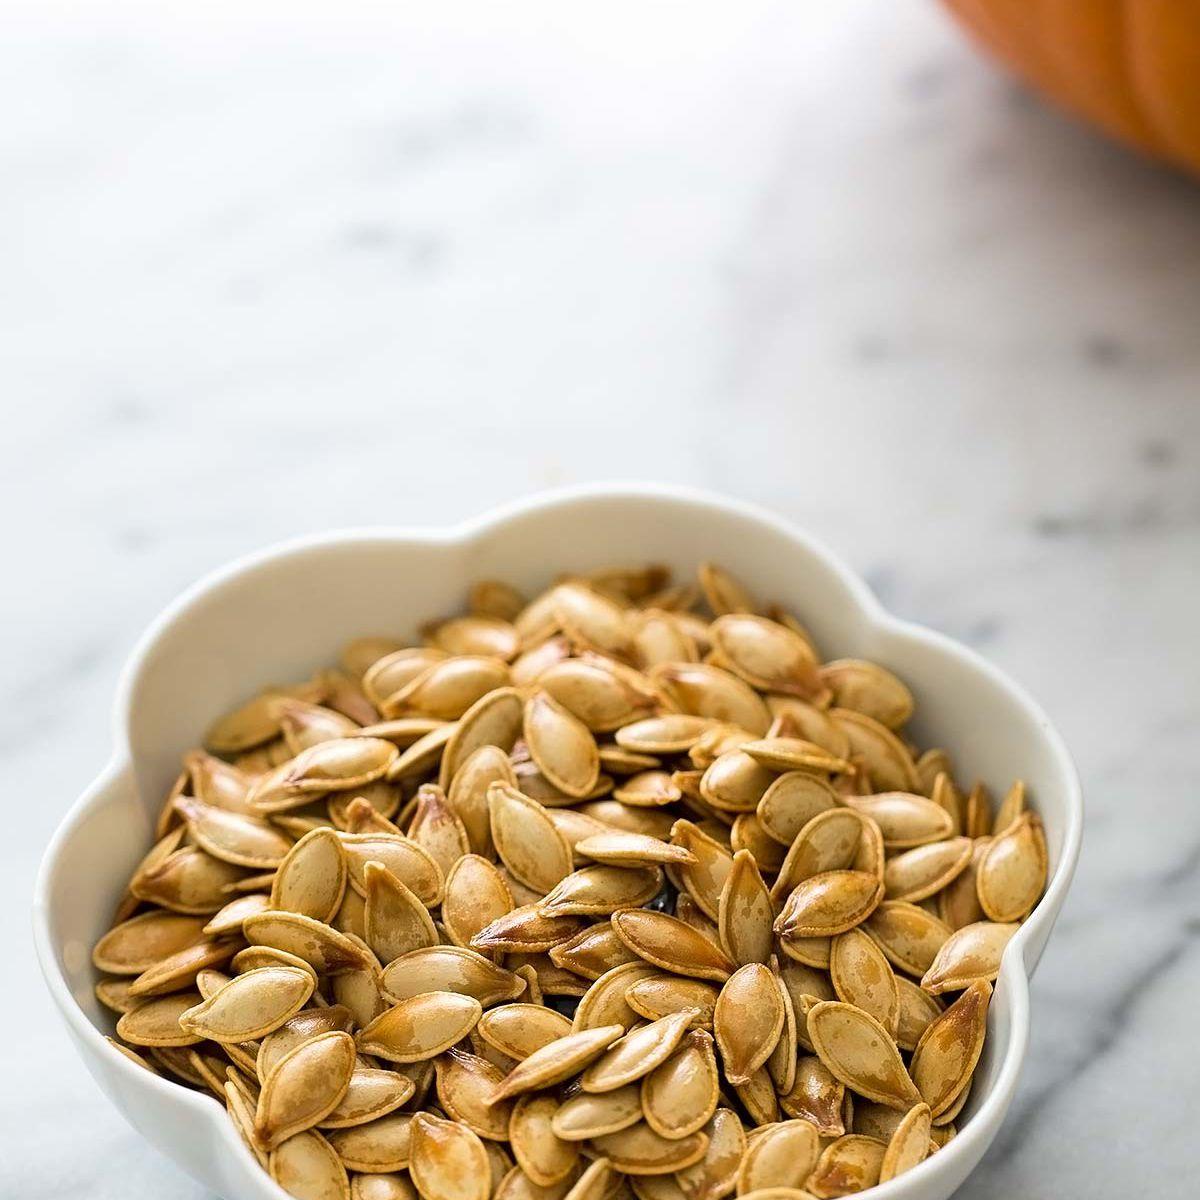 Roasted Pumpkin Seeds In Bowl